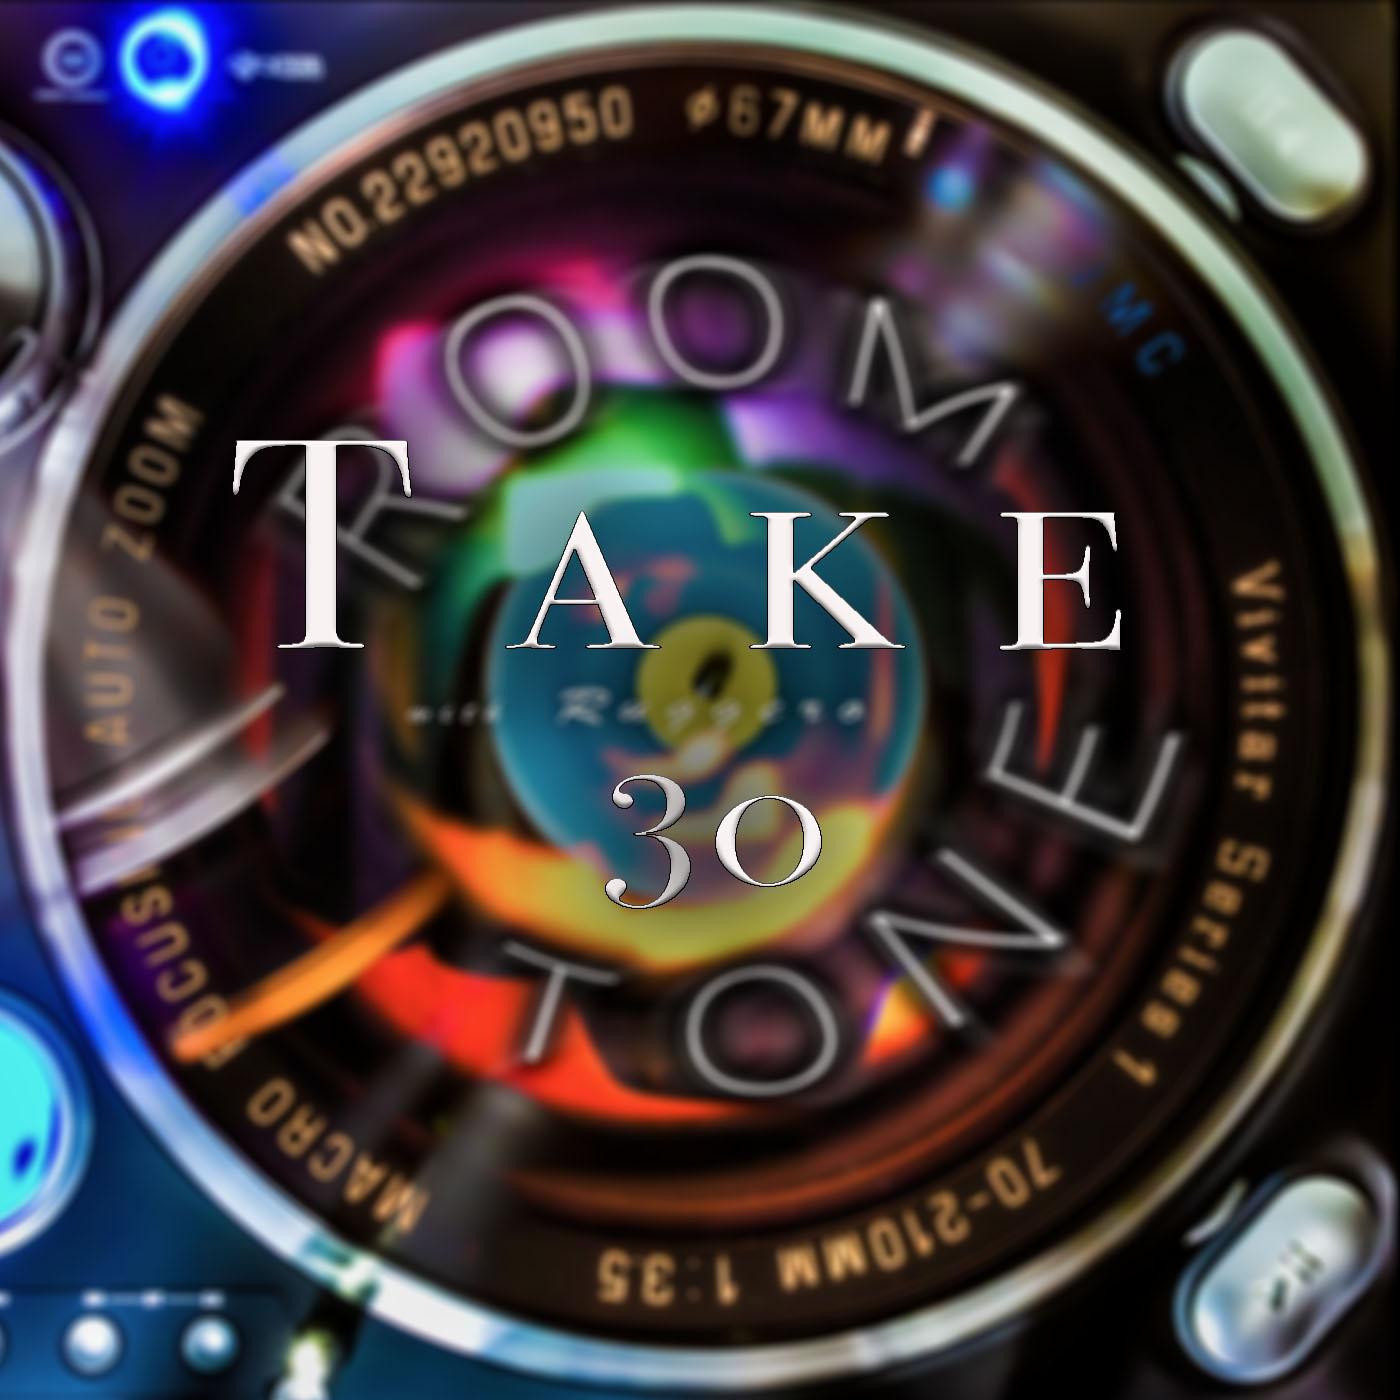 Room Tone Take 30.jpg